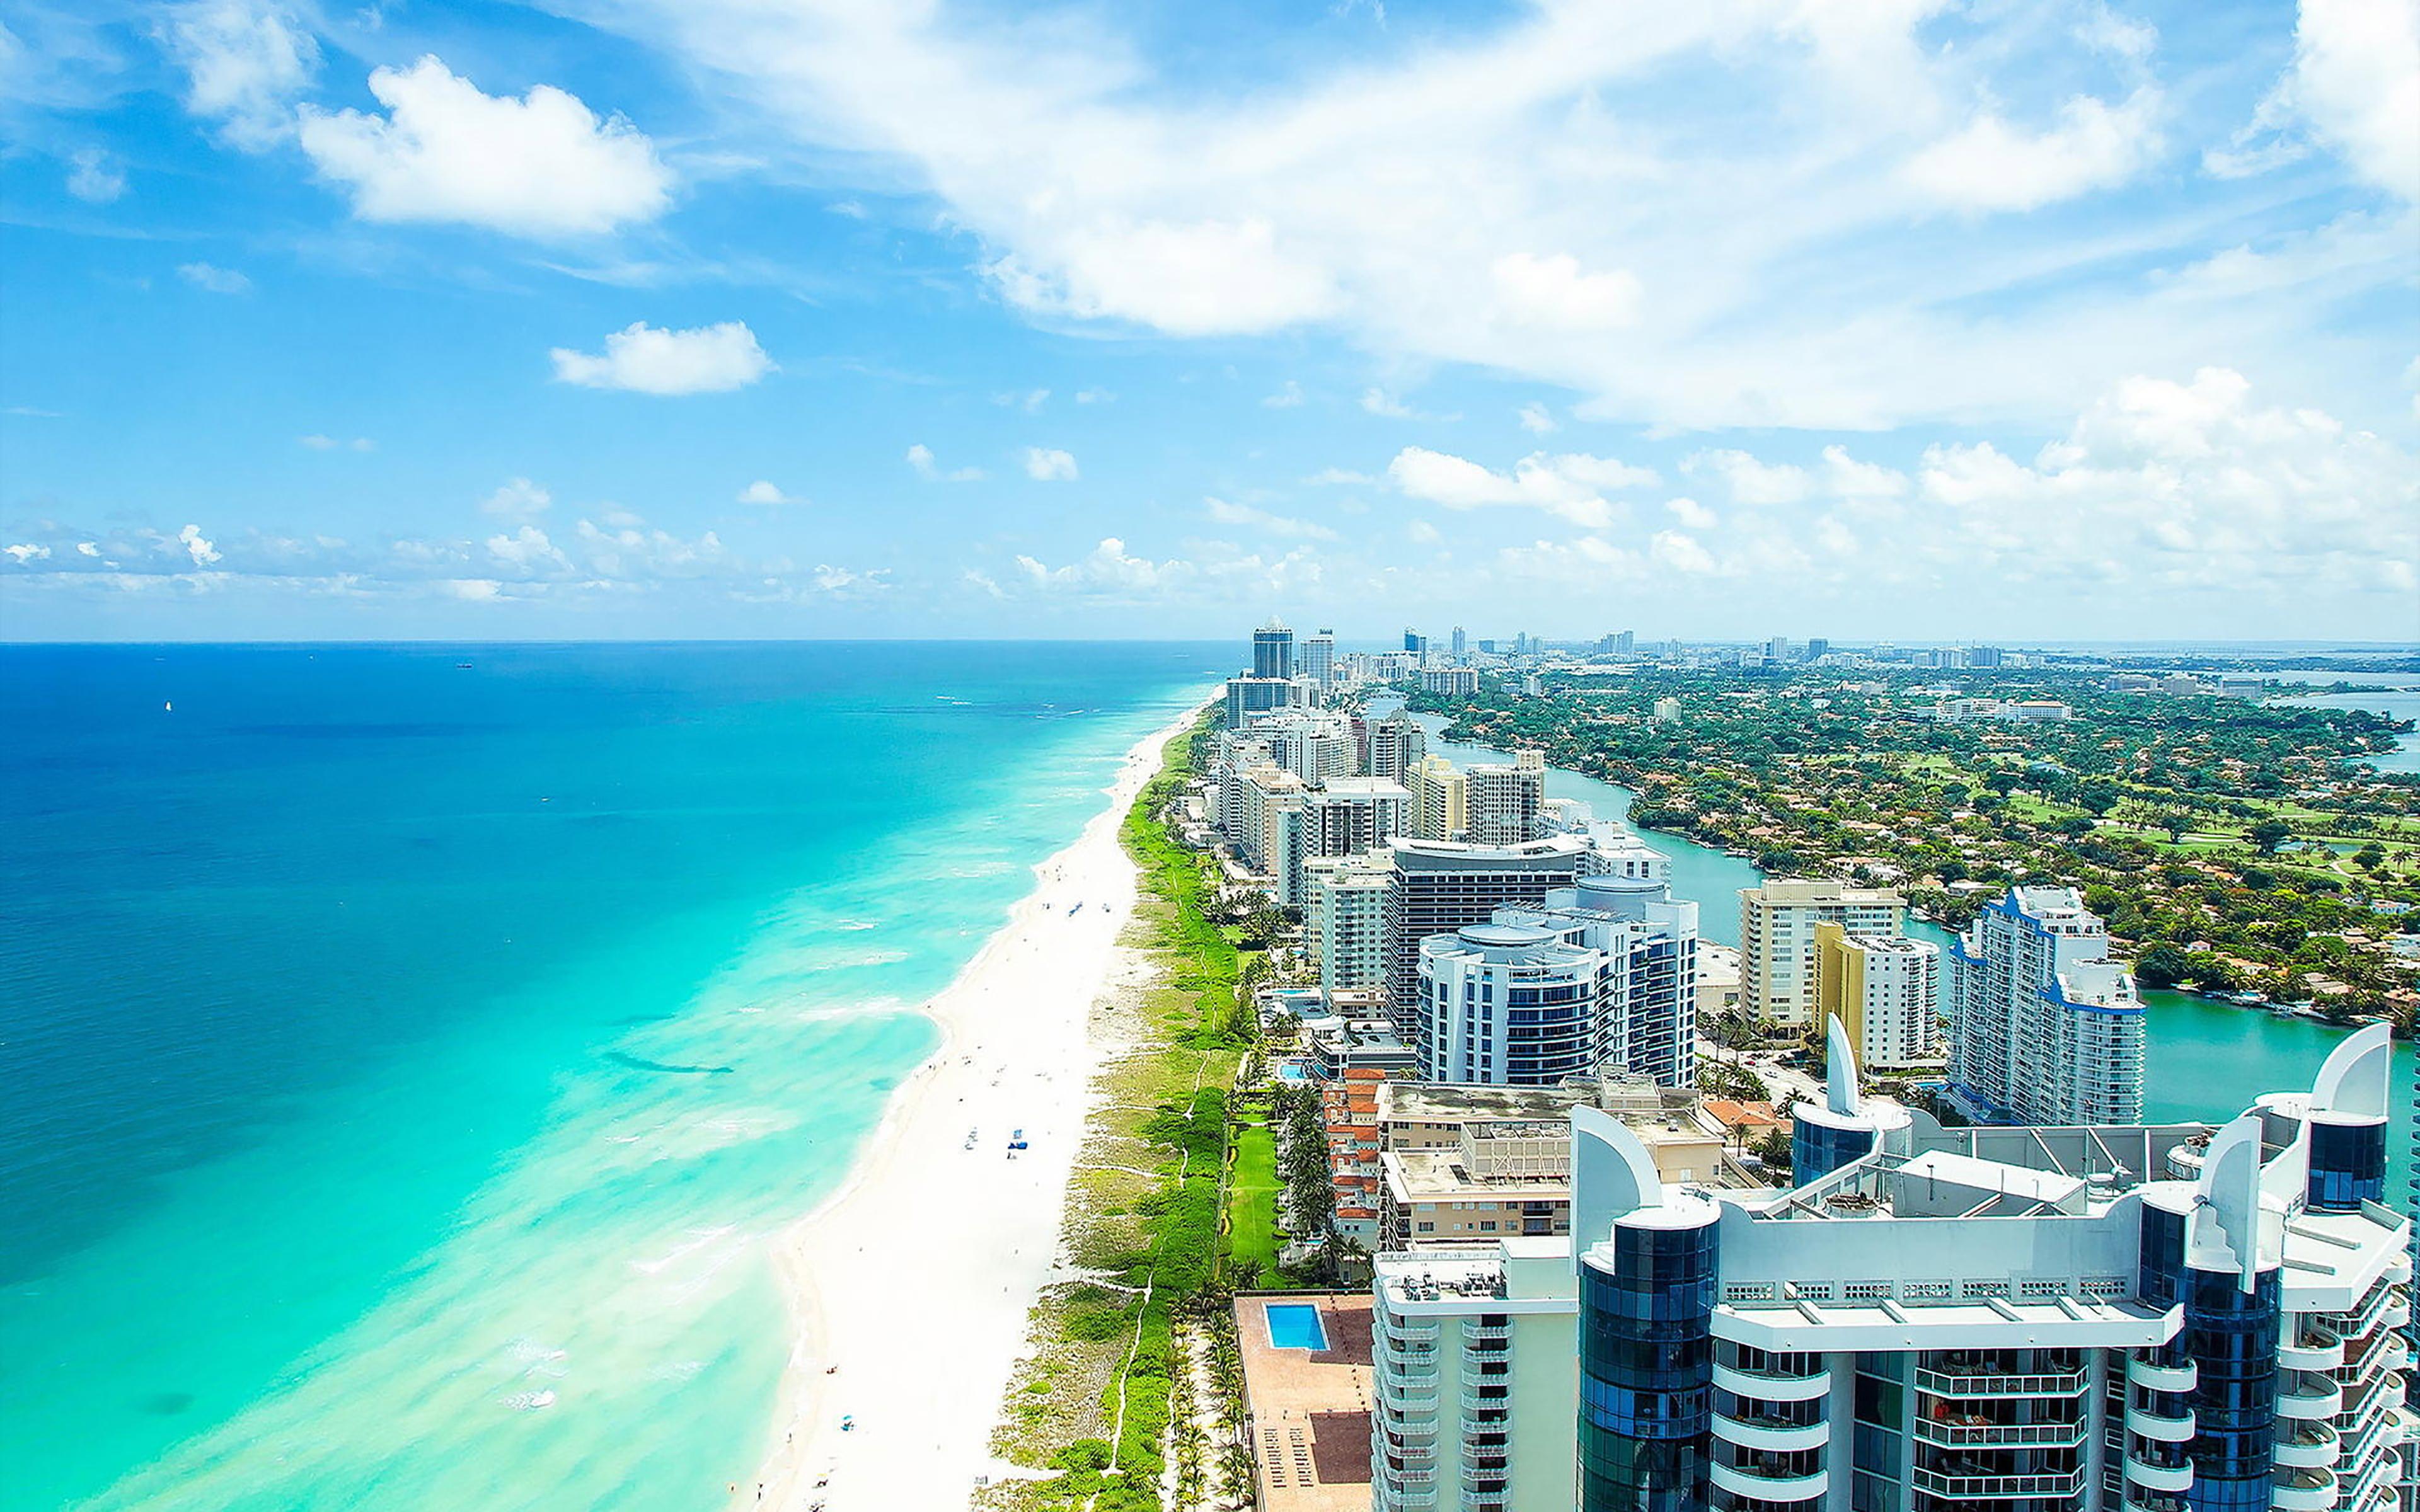 Miami Widescreen